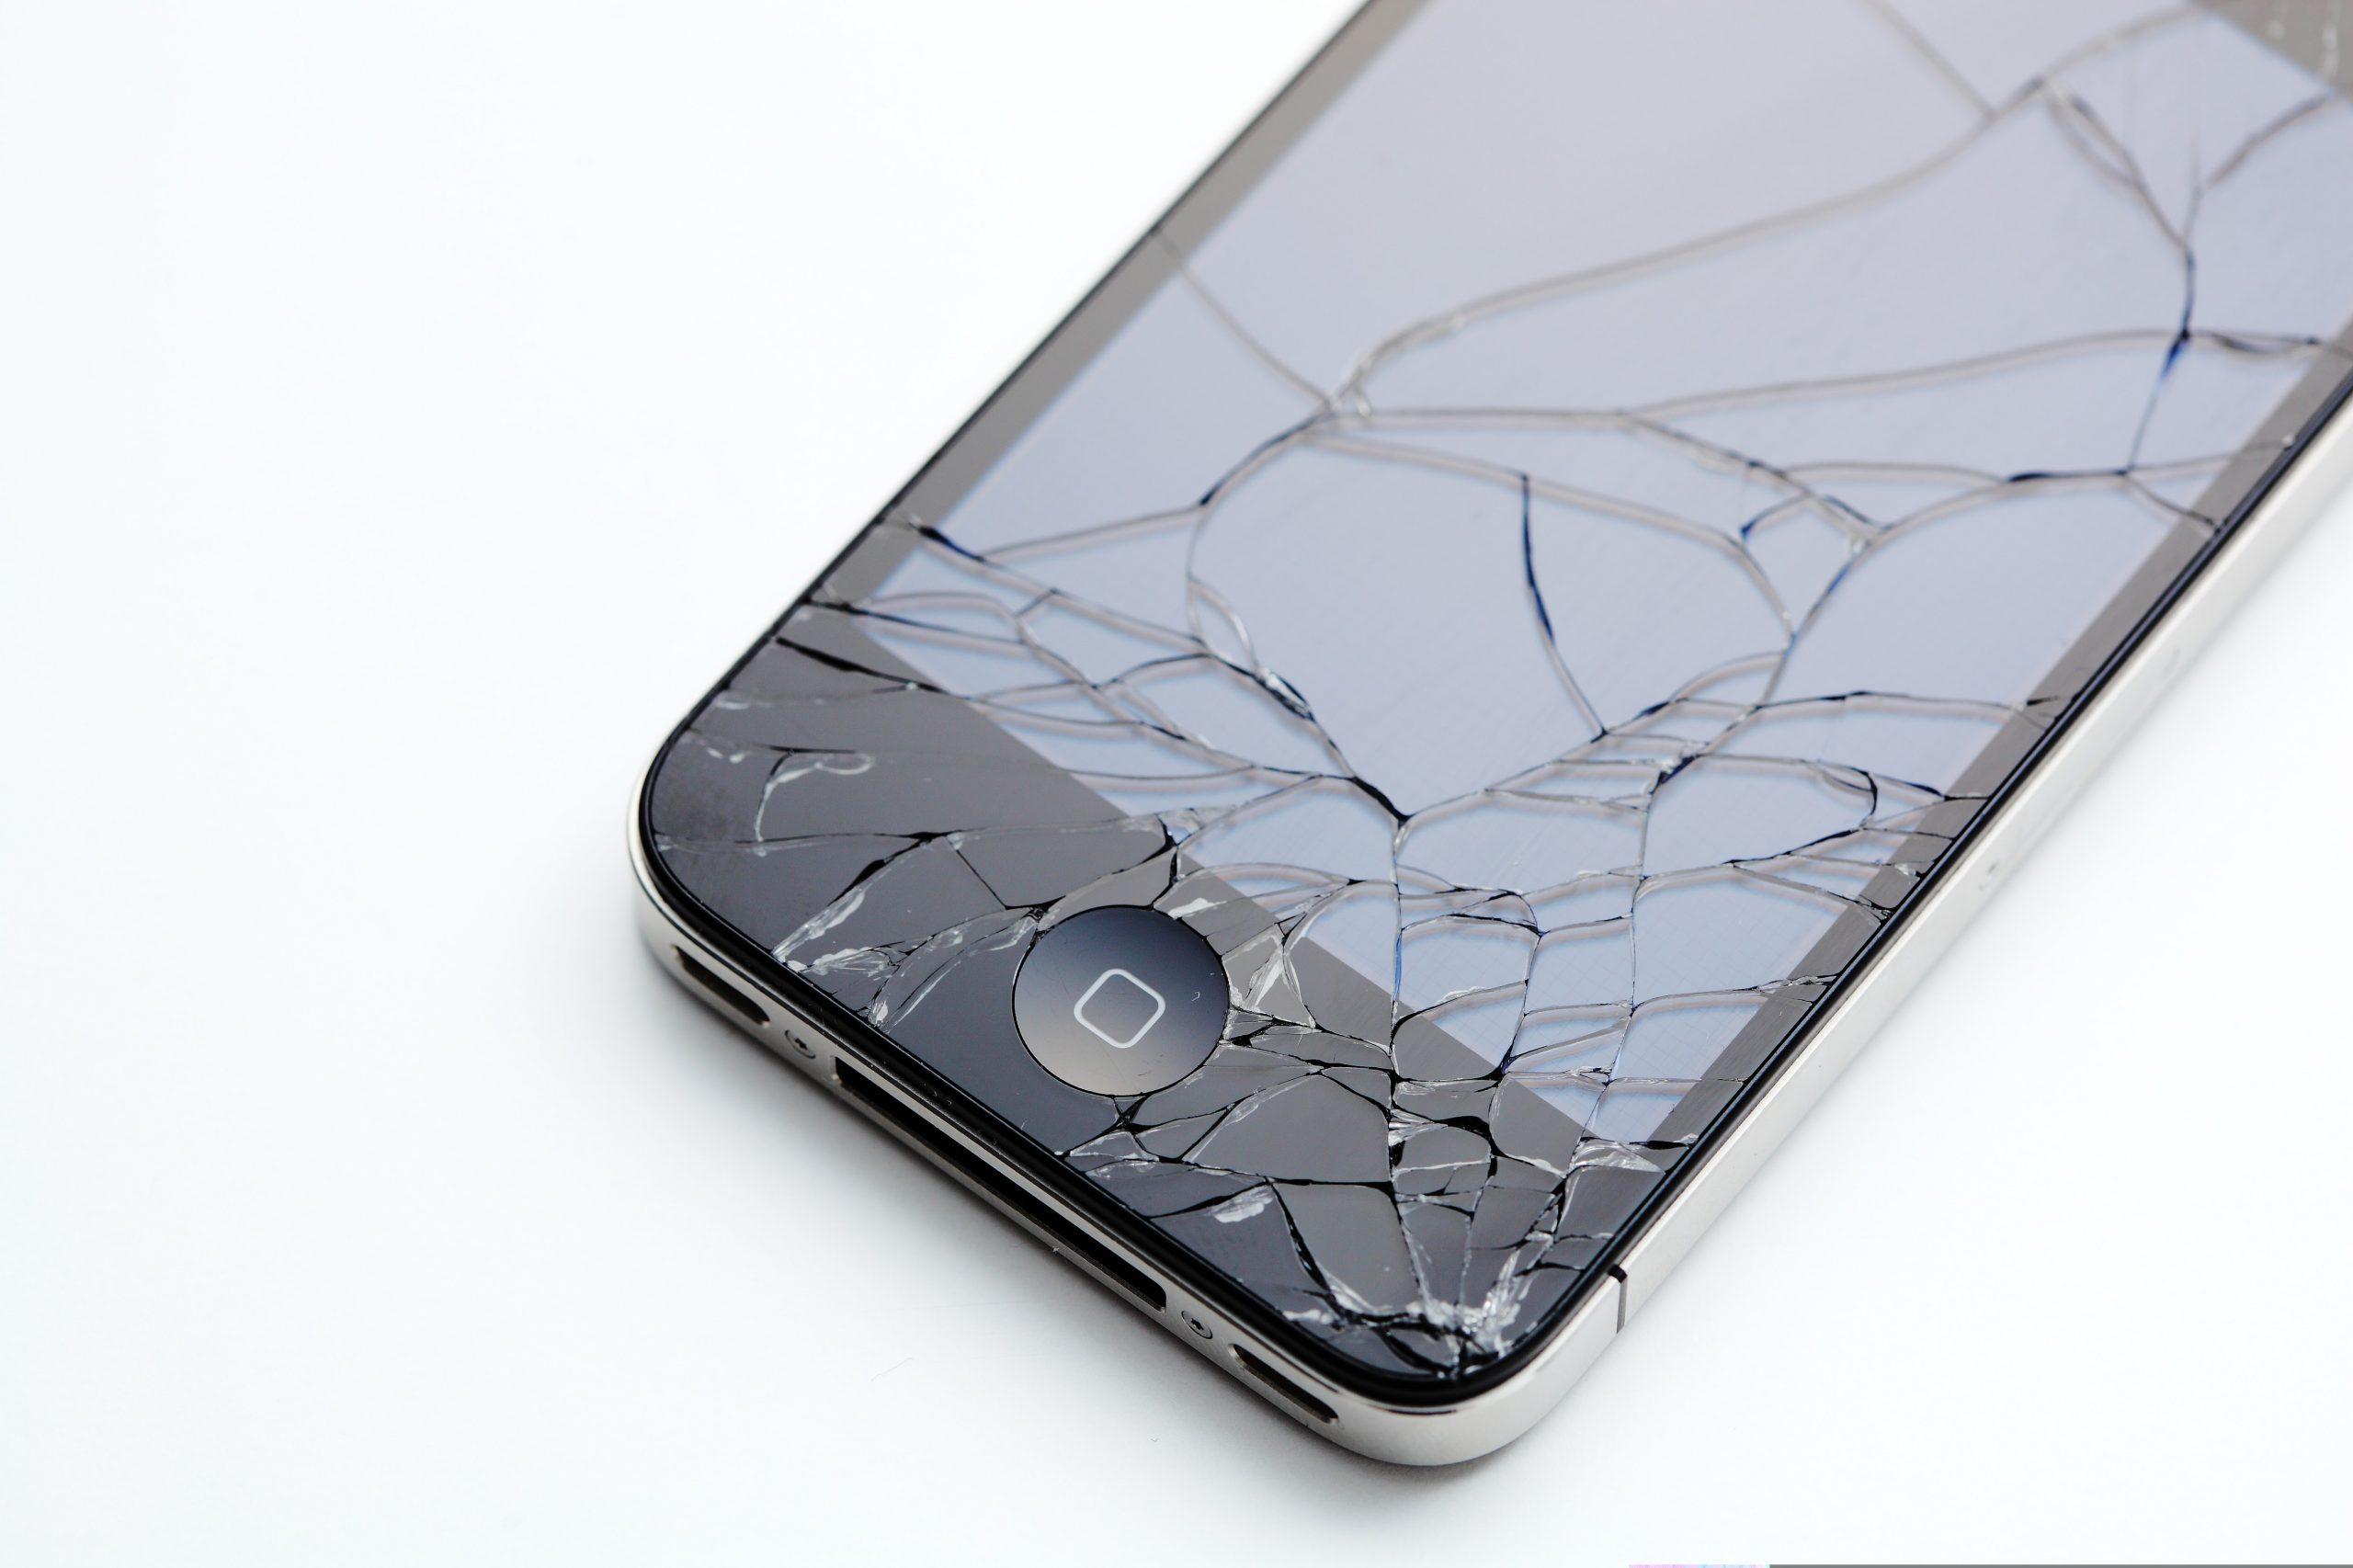 【iphone12】オススメのガラスフィルム!液晶保護に!